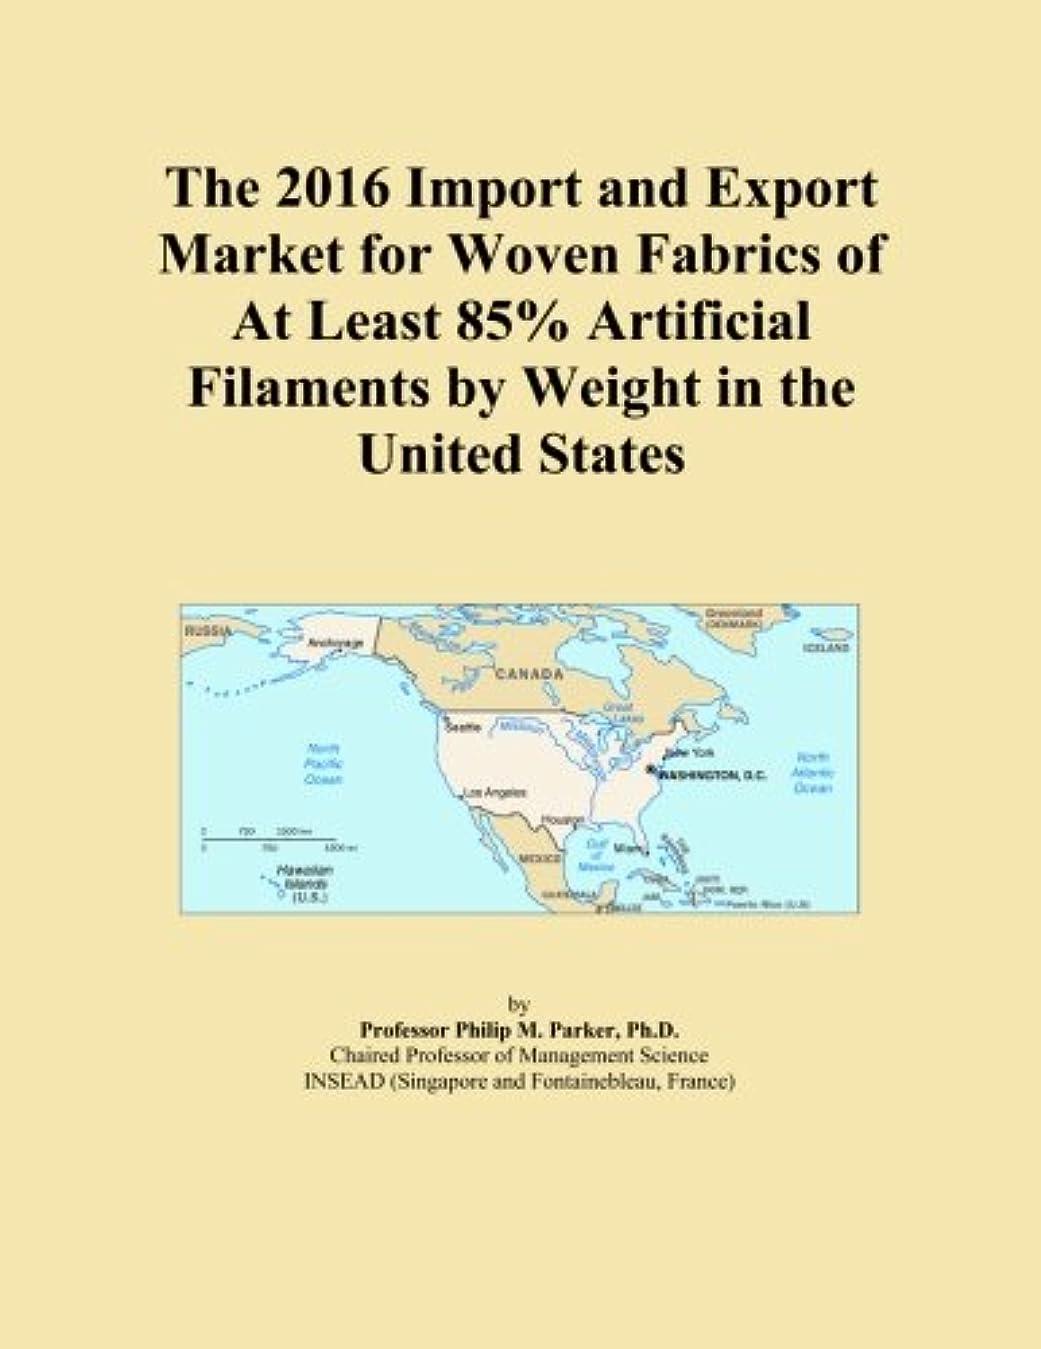 有名人間接的迷彩The 2016 Import and Export Market for Woven Fabrics of At Least 85% Artificial Filaments by Weight in the United States